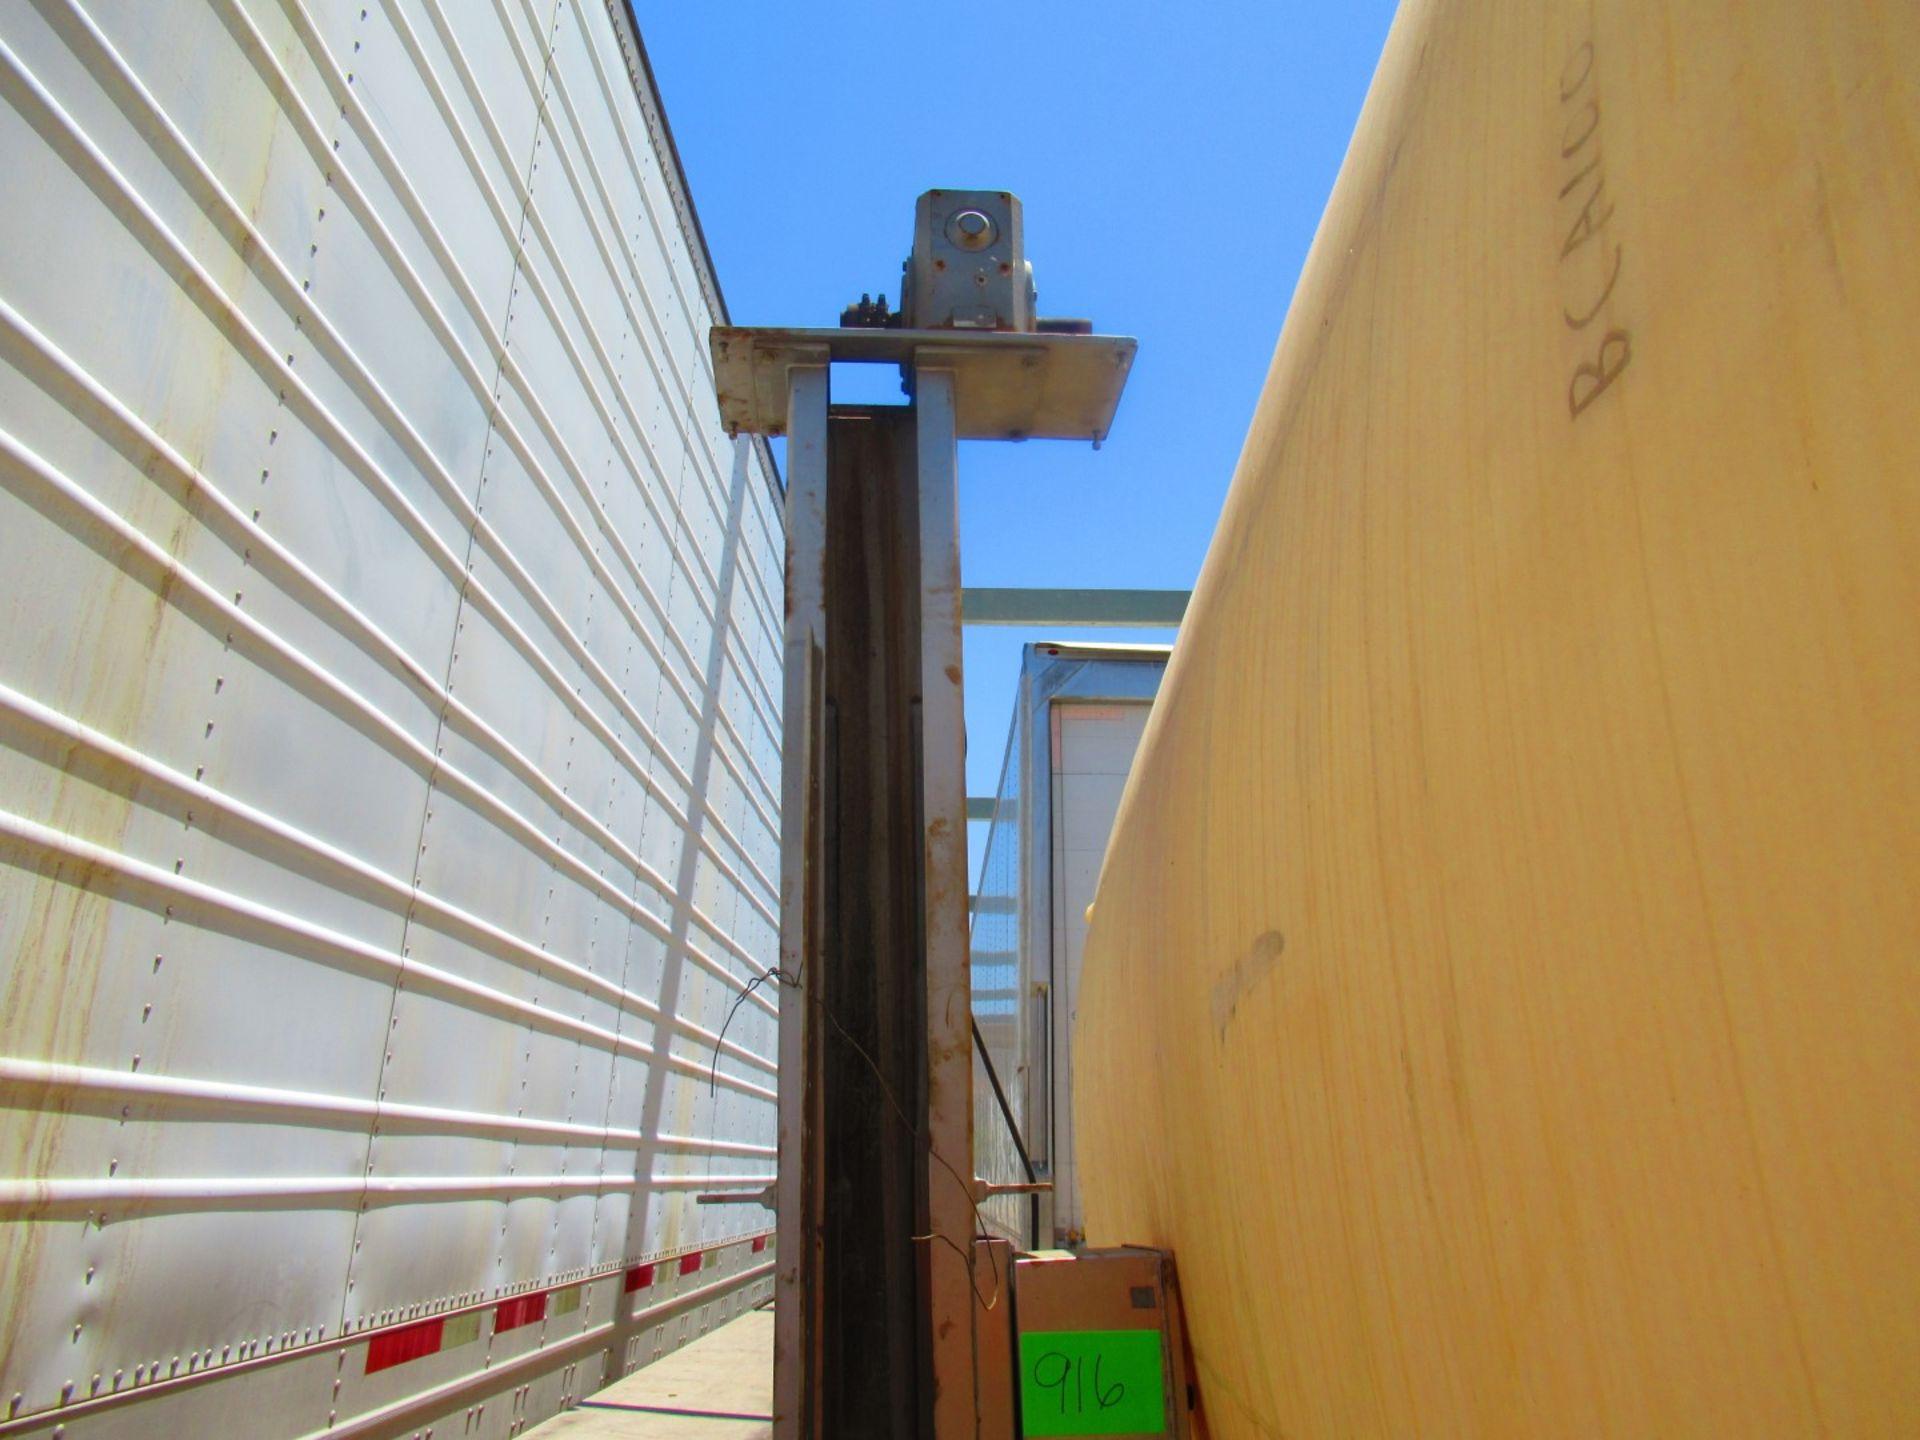 Column Dumper - Image 4 of 5